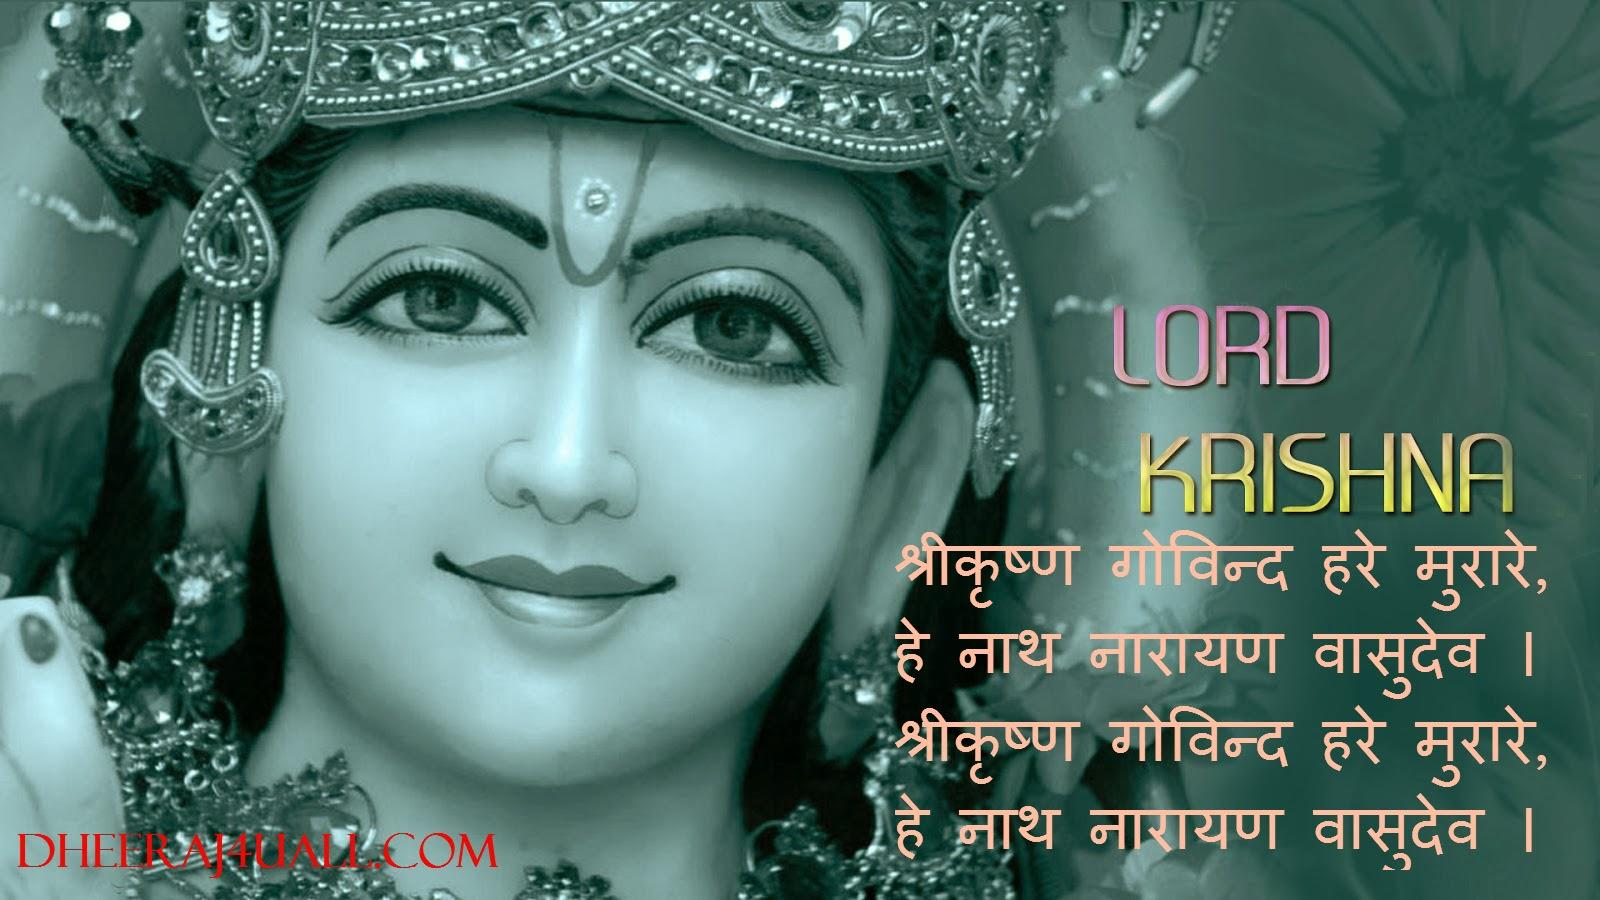 shri krishna ramanand sagar full serial free download